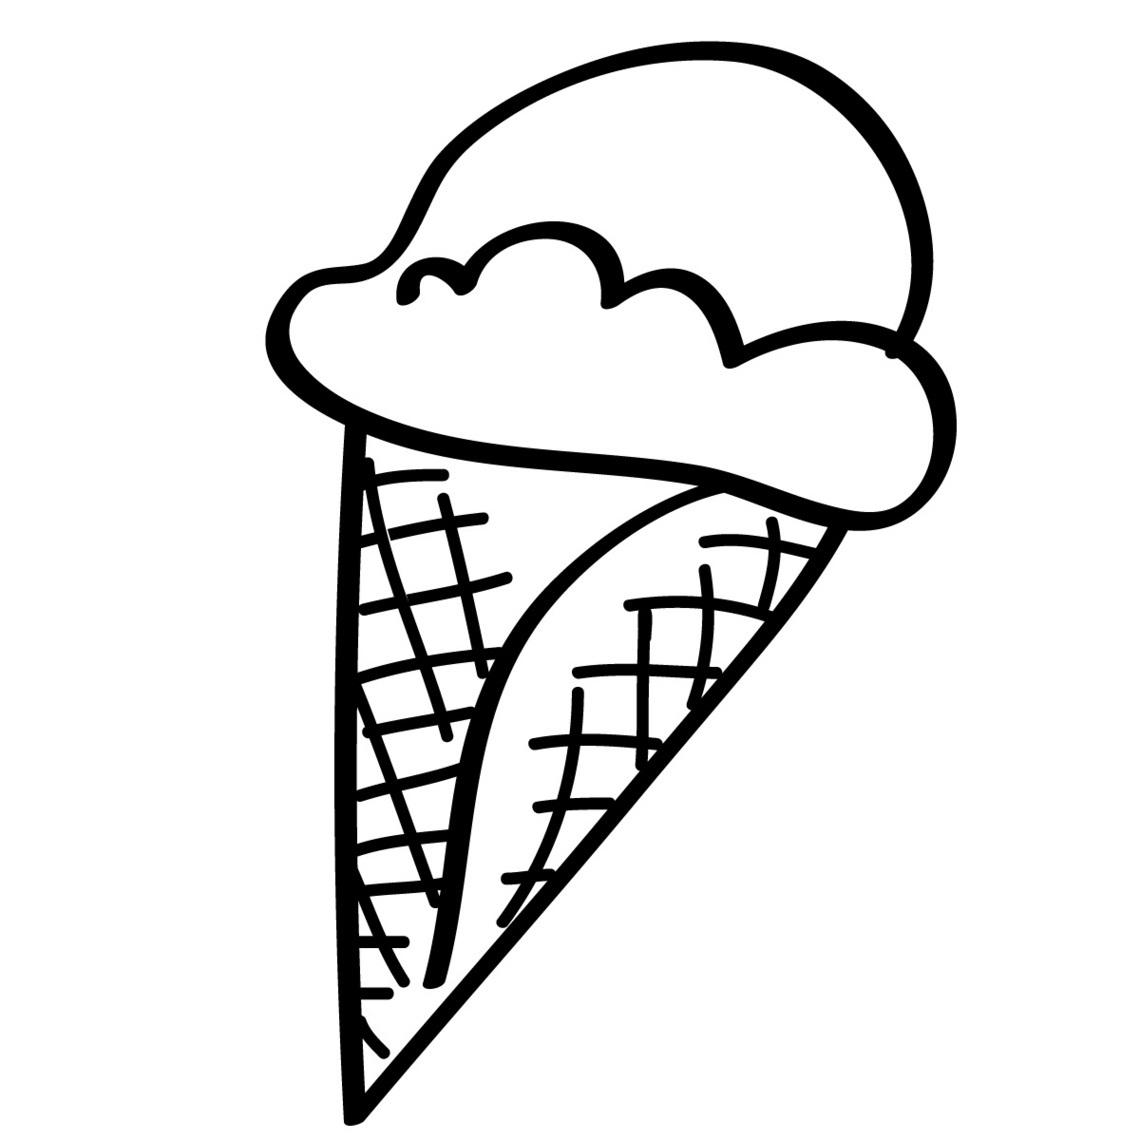 1140x1140 Creative Design Ice Cream Cone Coloring Page Free Download Clip